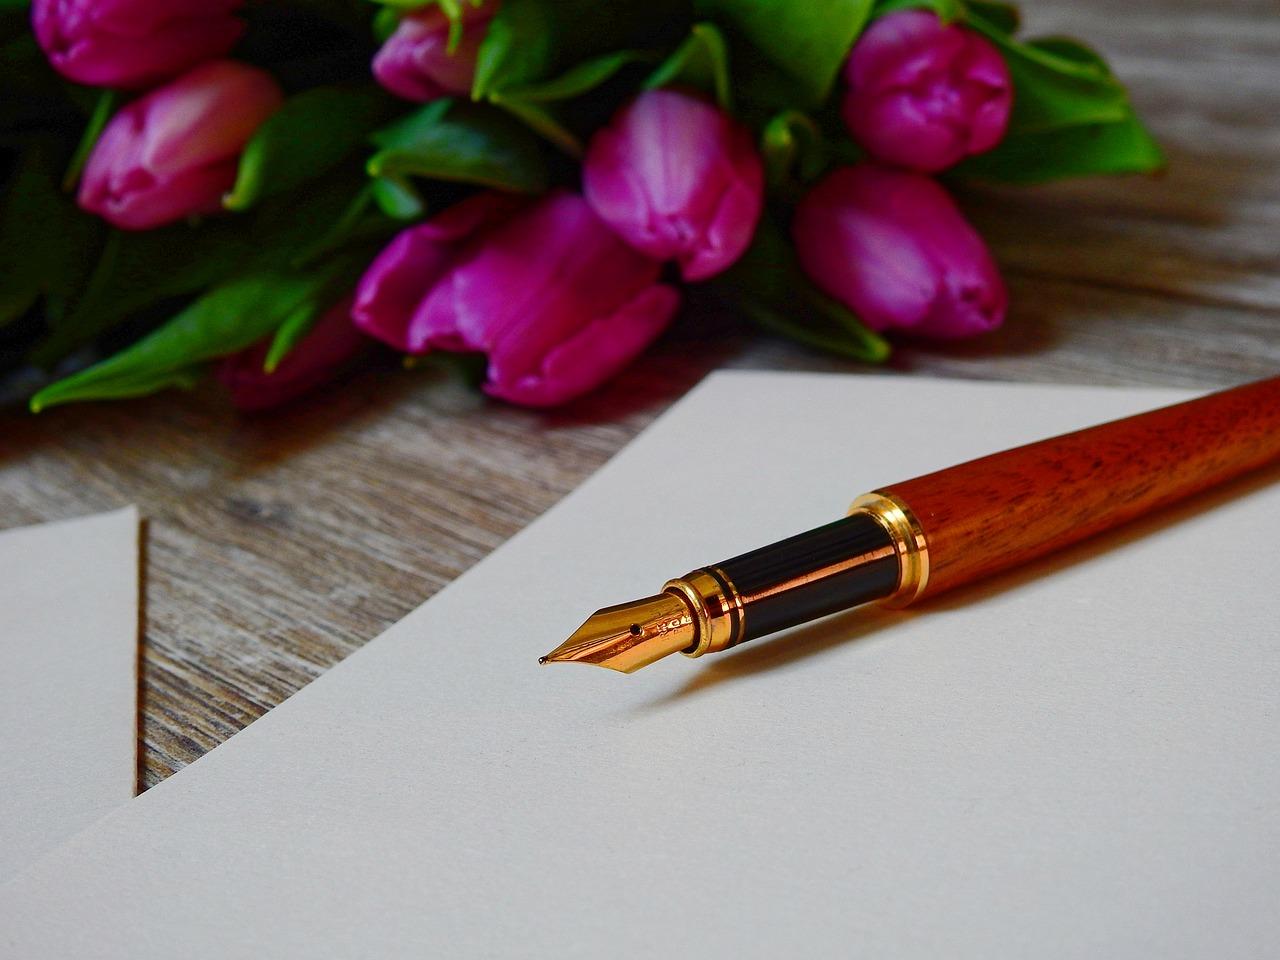 Einen Brief an den Verstorbenen zu schreiben, kann heilsam sein.